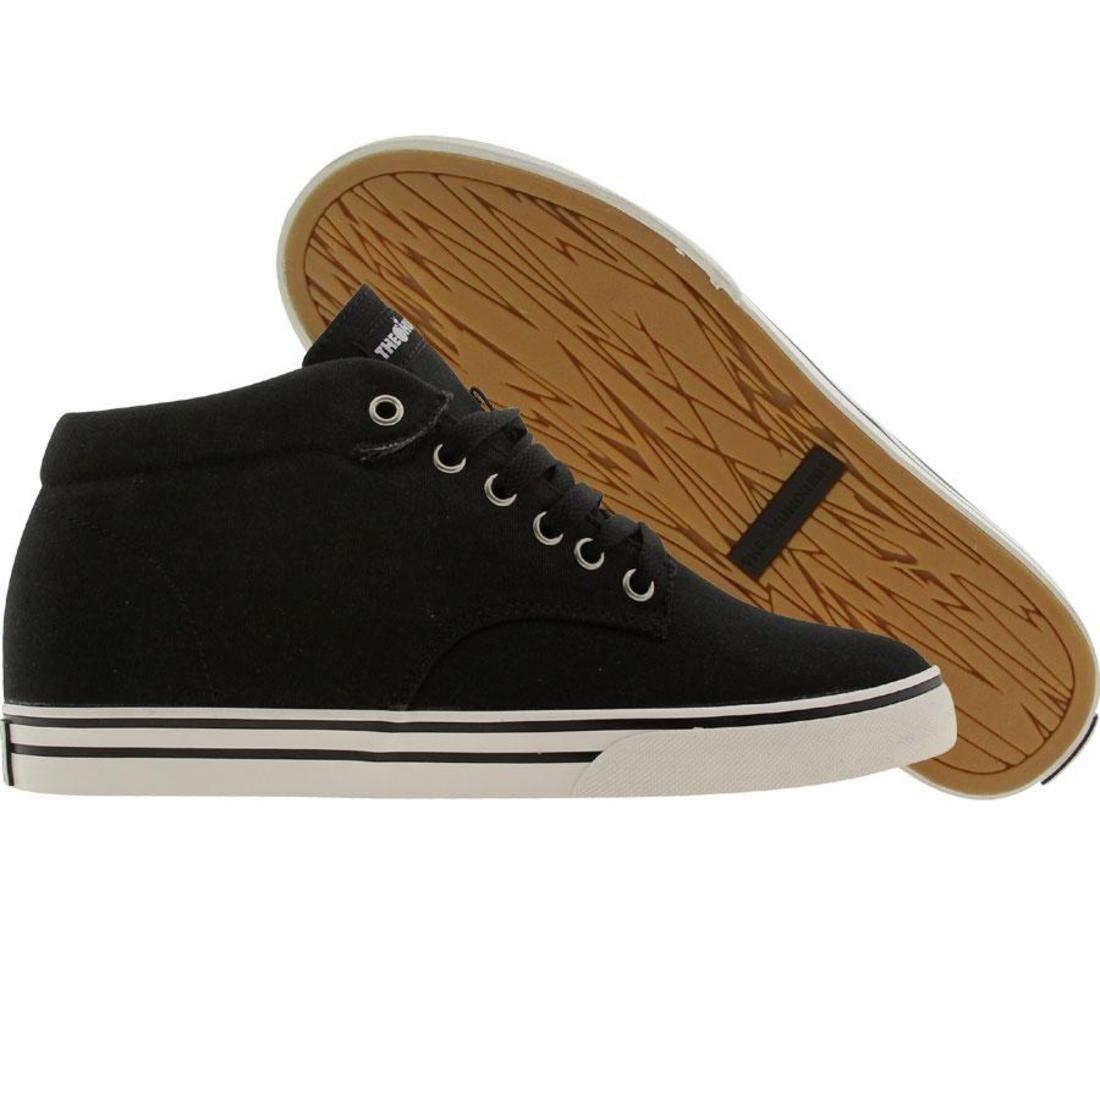 【海外限定】ジョンソン ミッド メンズ靴 靴 【 THE HUNDREDS JOHNSON MID BLACK 】